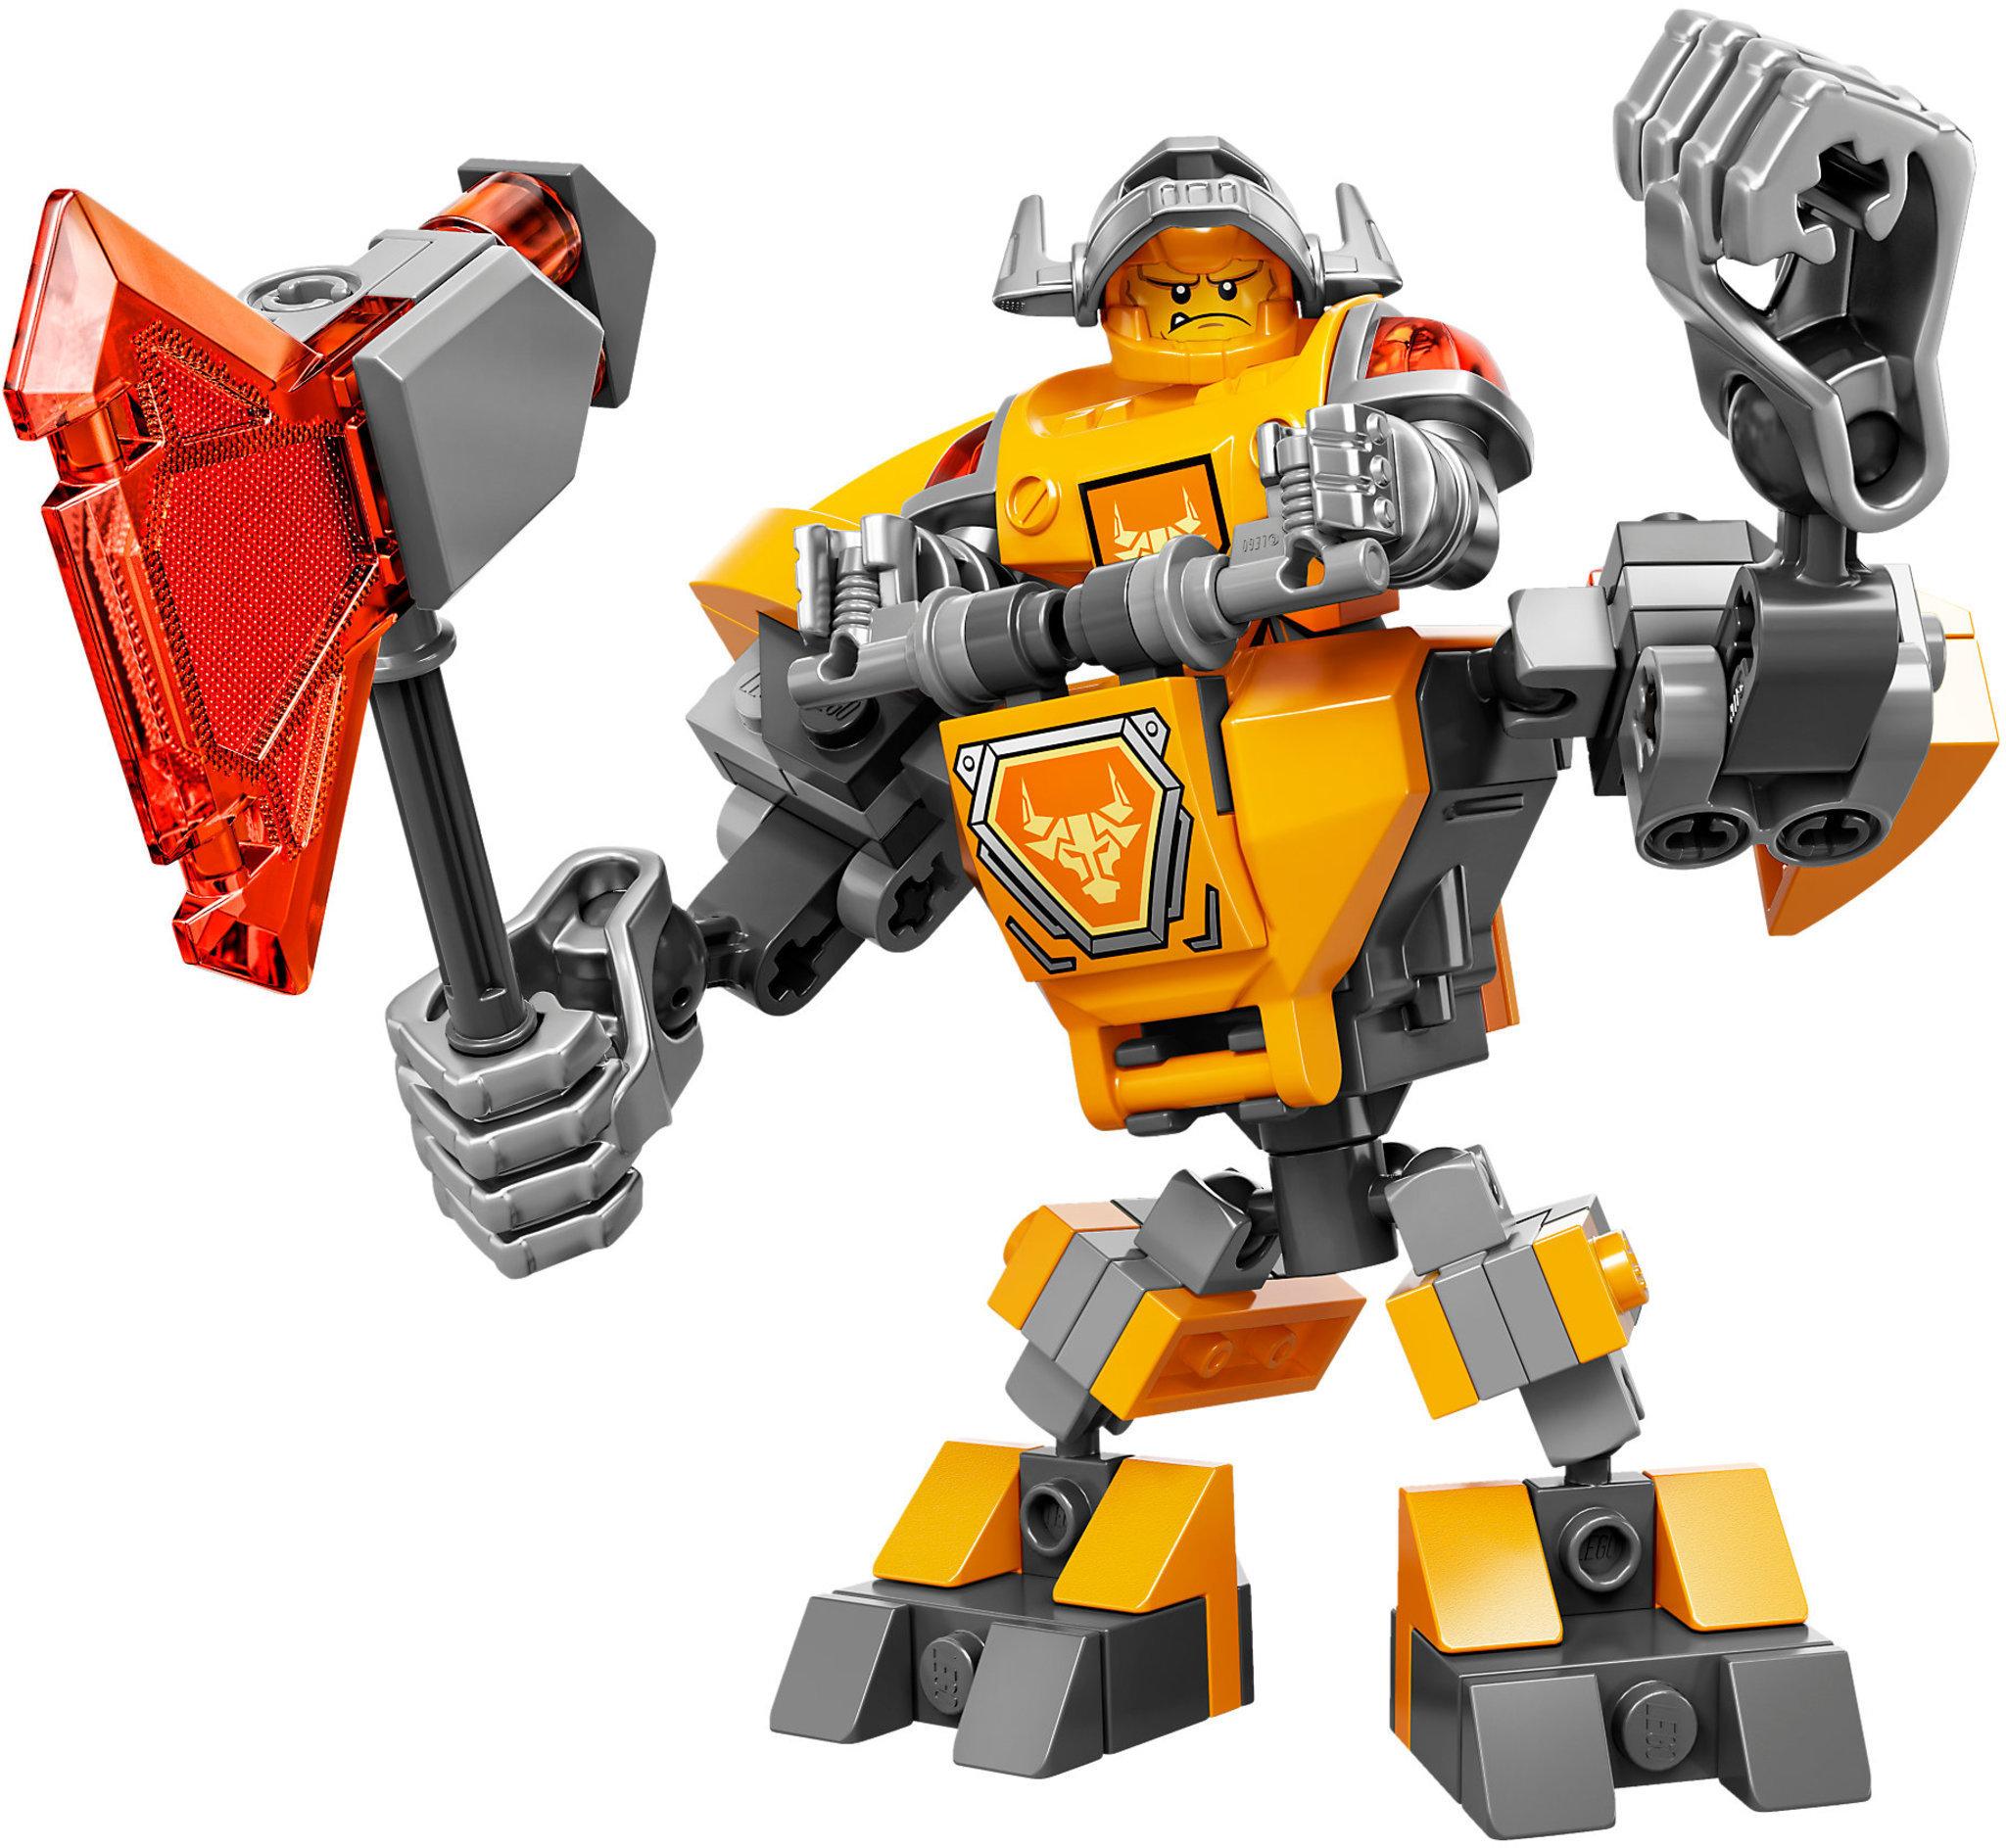 LEGO Nexo Knights 70365 - Battle Suit Axl | Mattonito